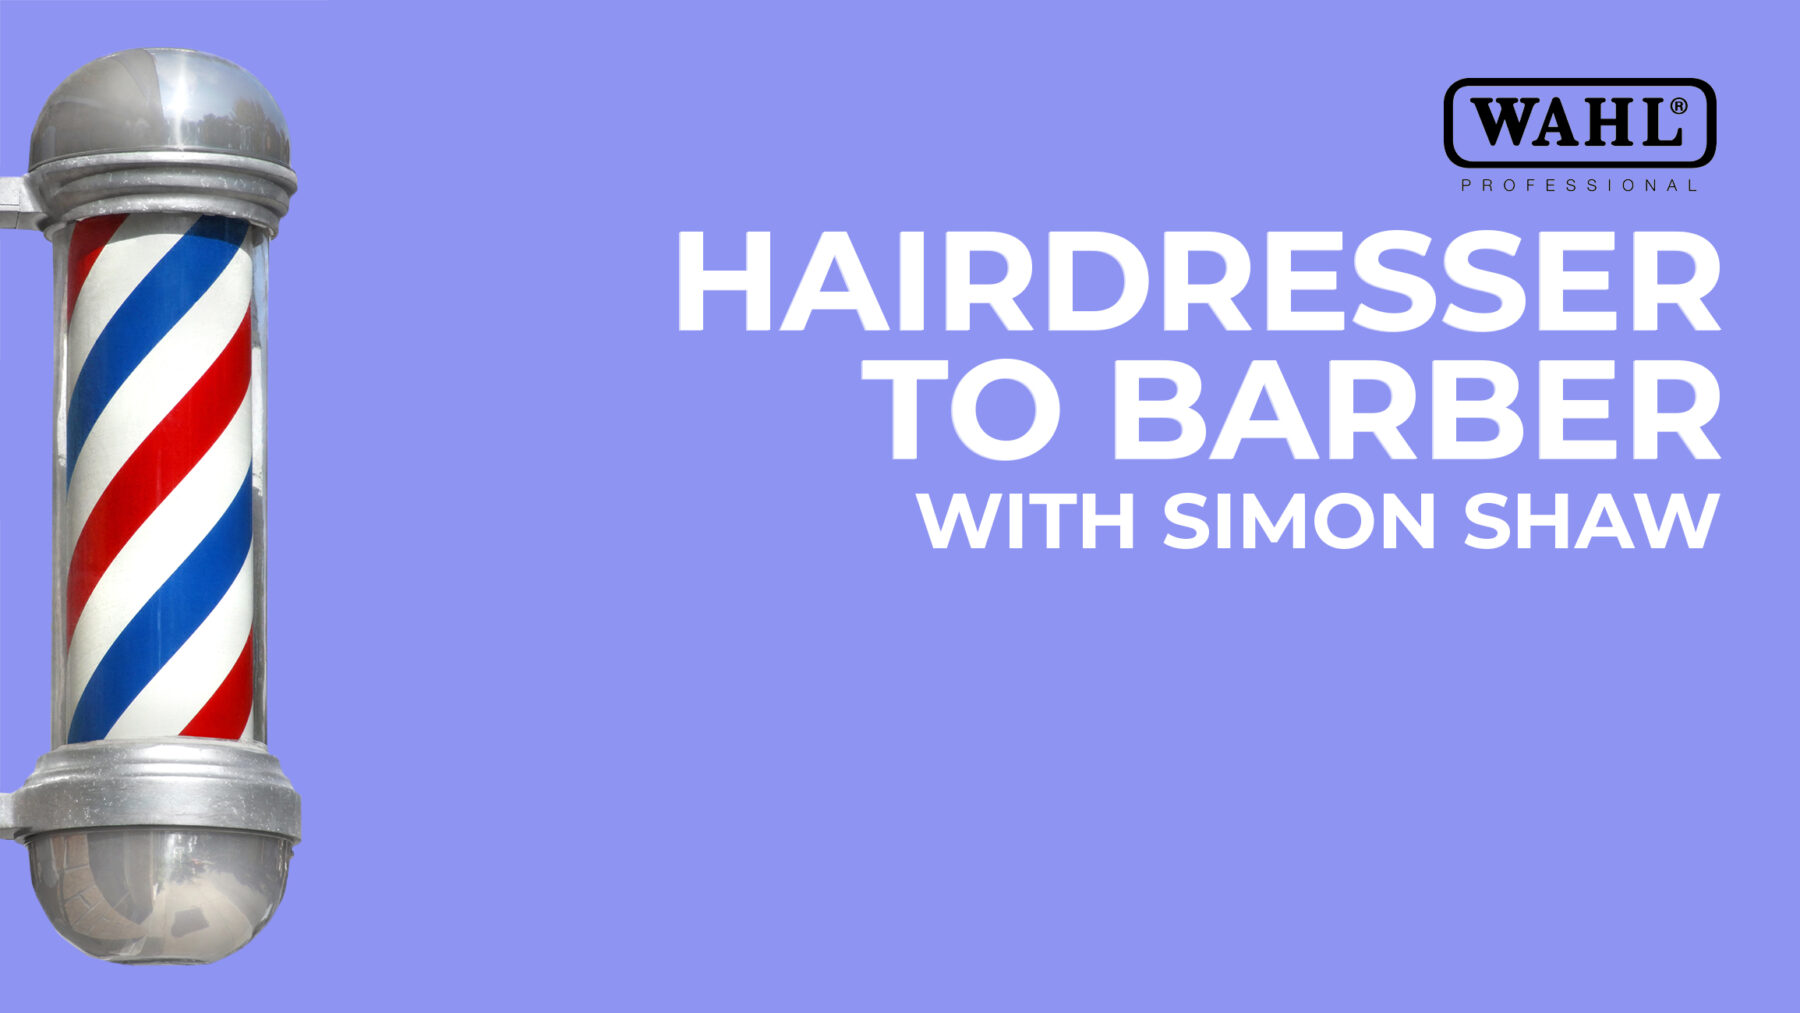 Hairdresser to Barber